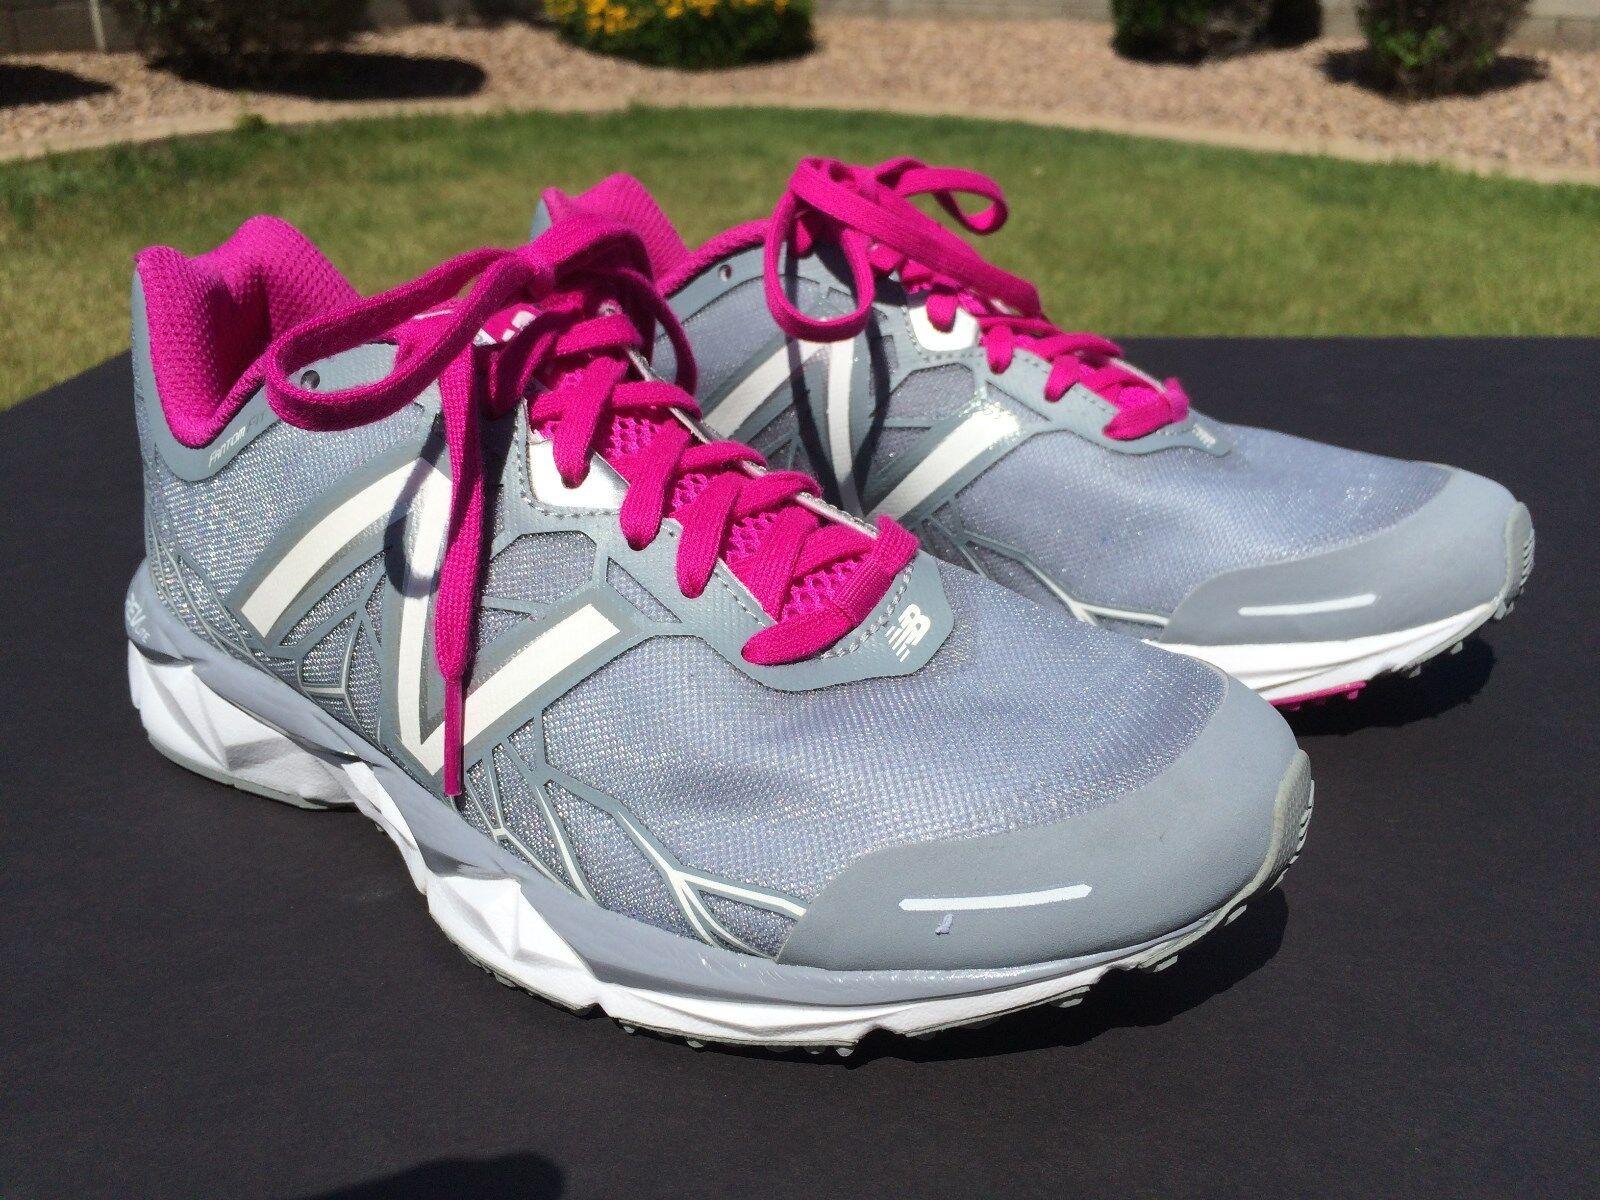 NEU Balance 1490v1 Running Training Schuhes Damenschuhe 8.5 Silver/Pink NEU Lightweight